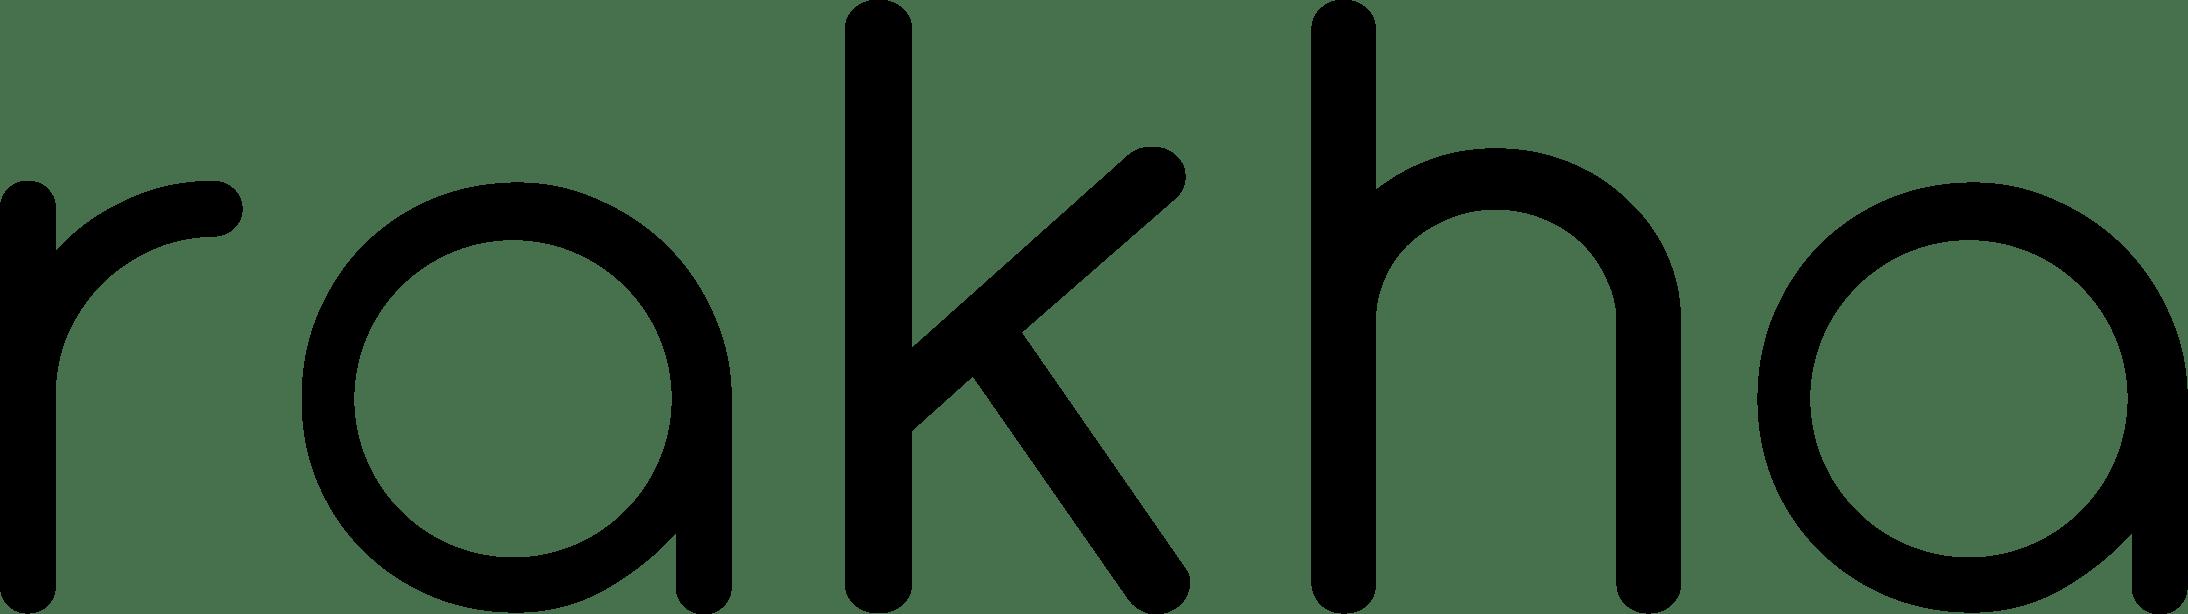 Rakha company logo